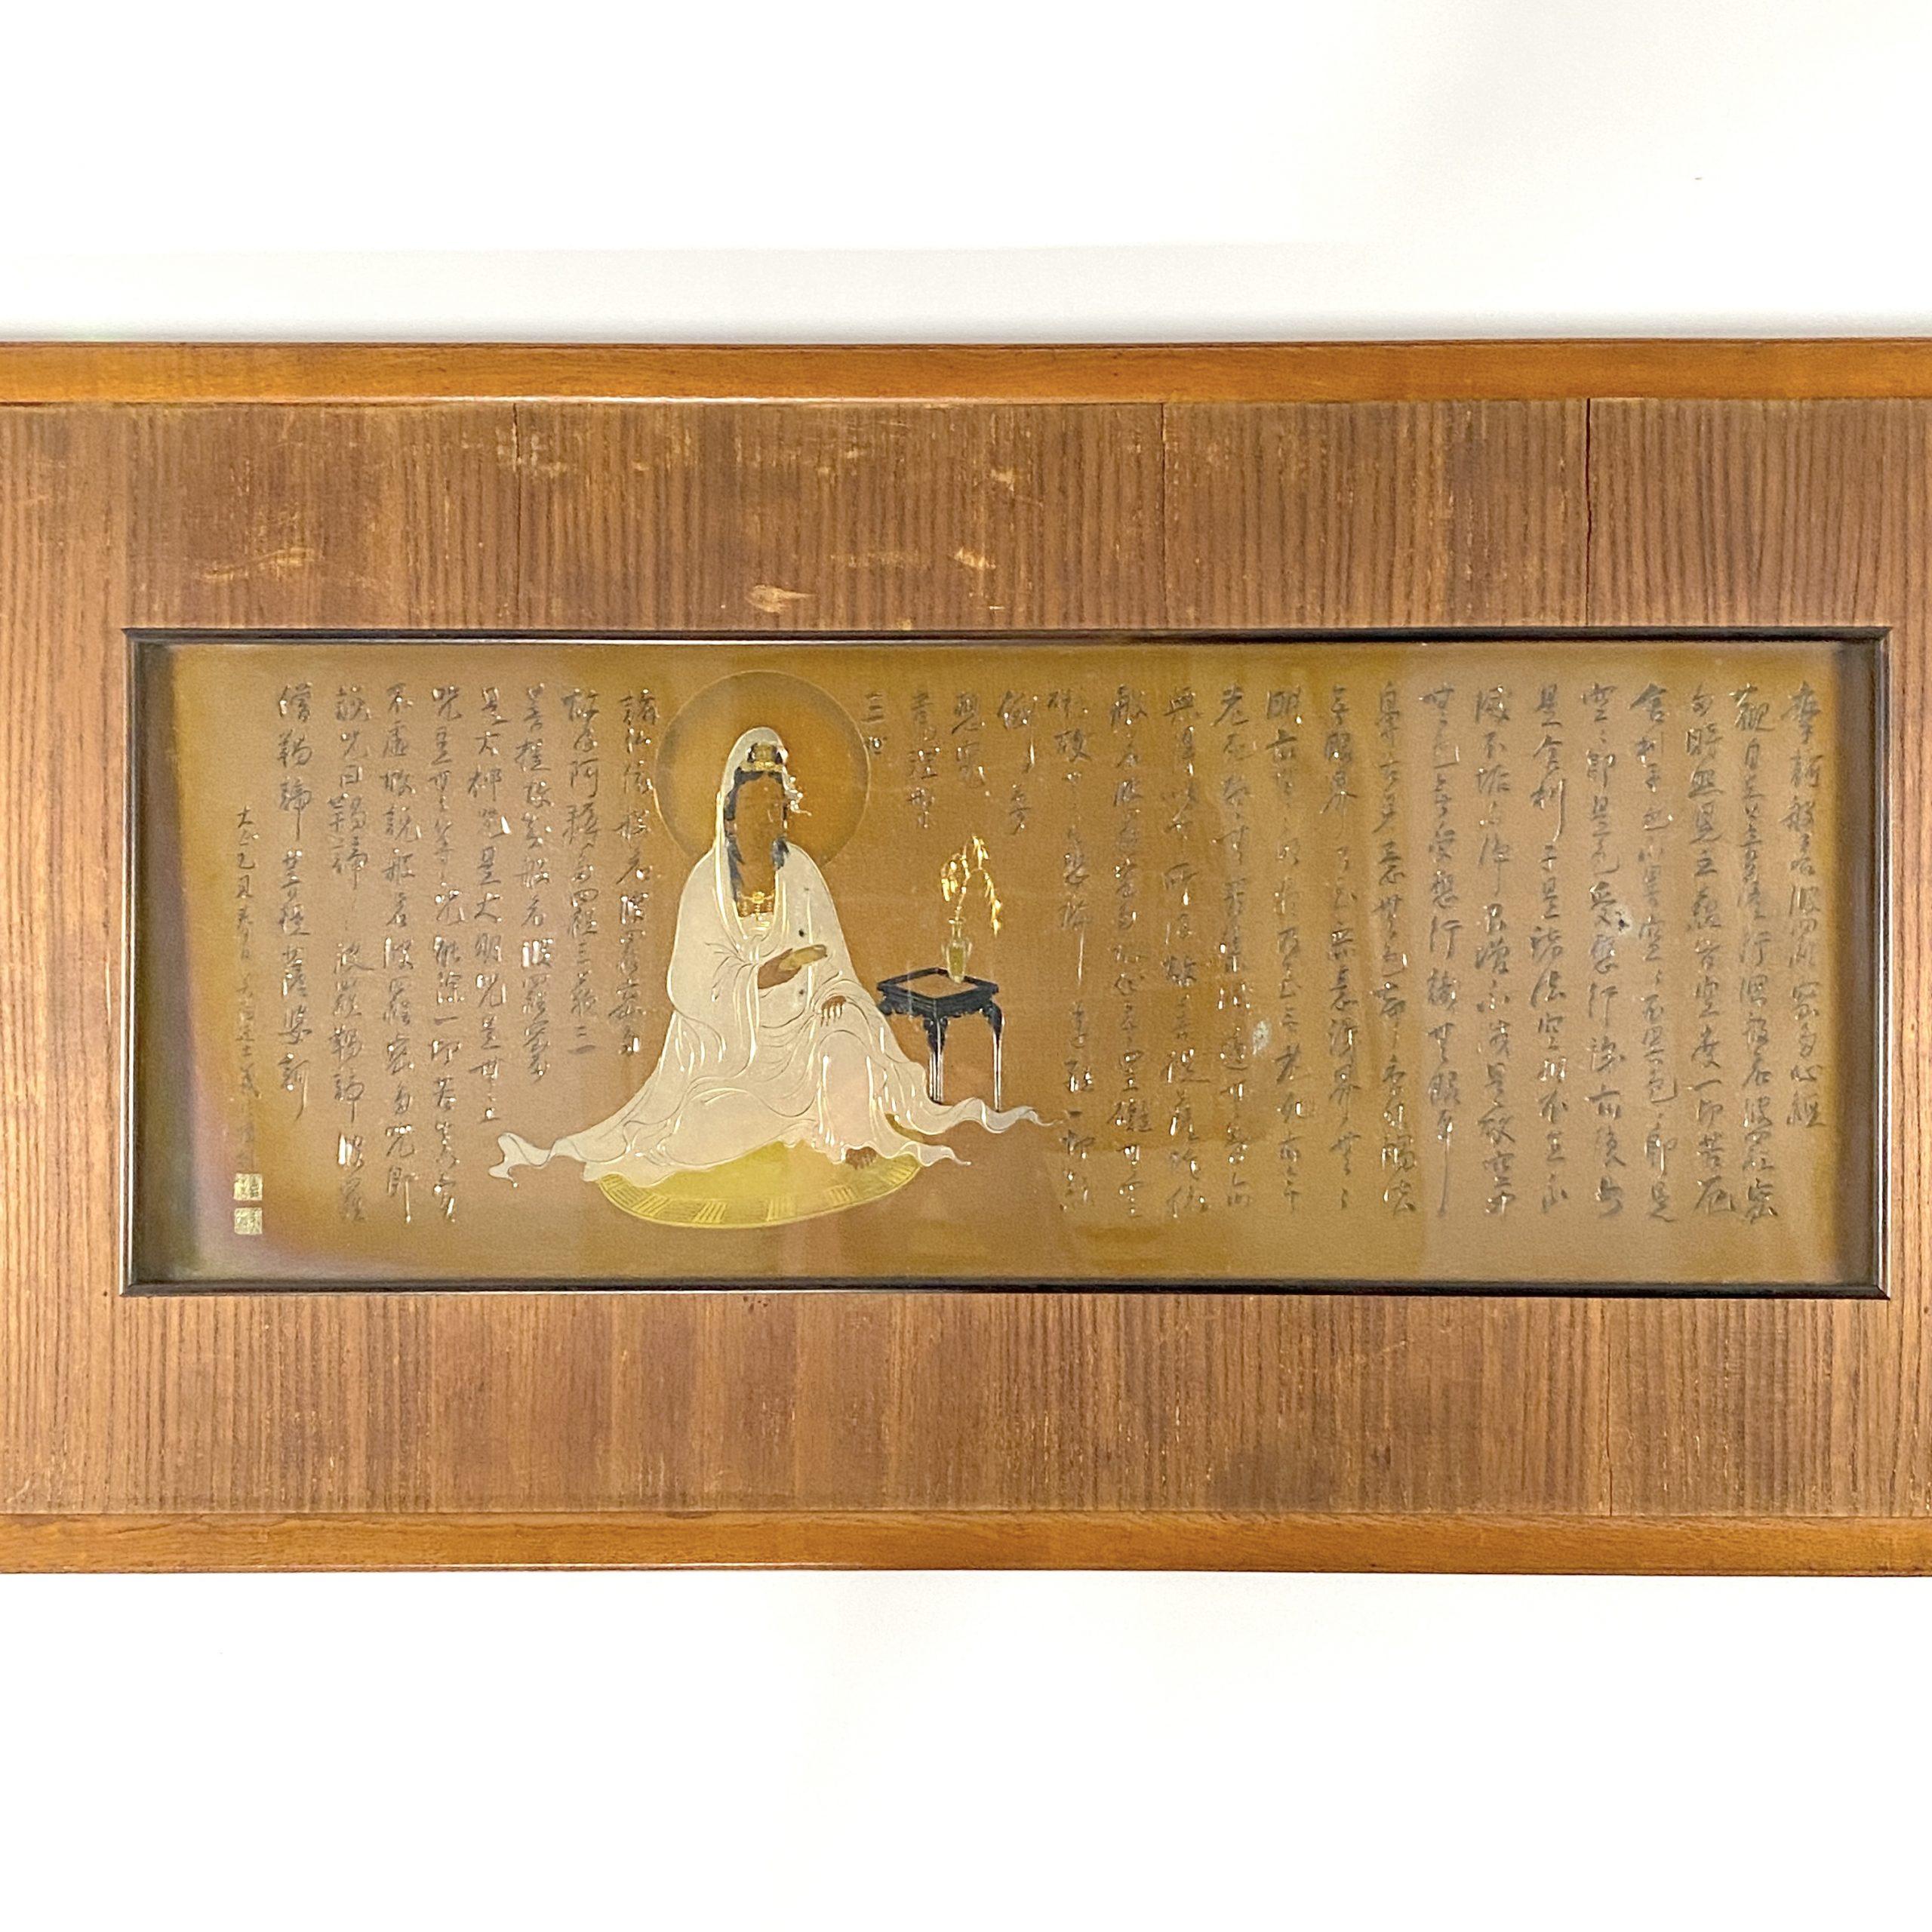 20069「美洲」「義信」刻 観音詩文紋 額